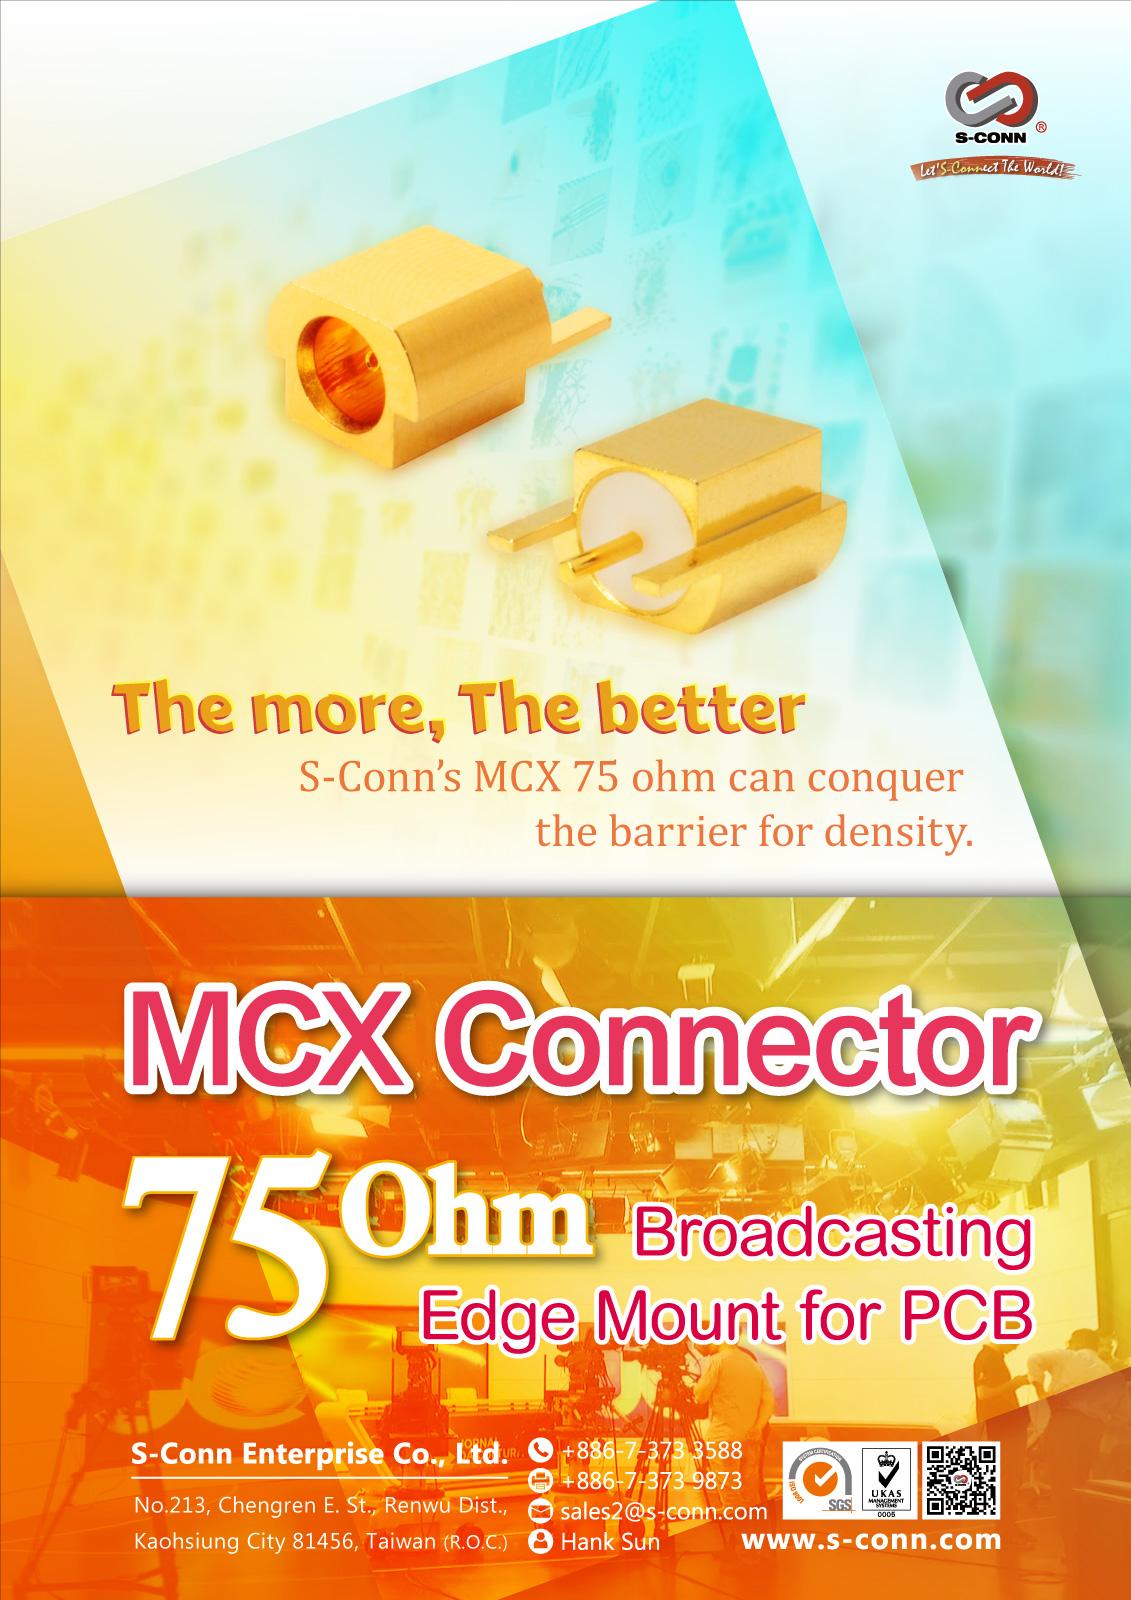 MCX 75 Ohm Edge Mount